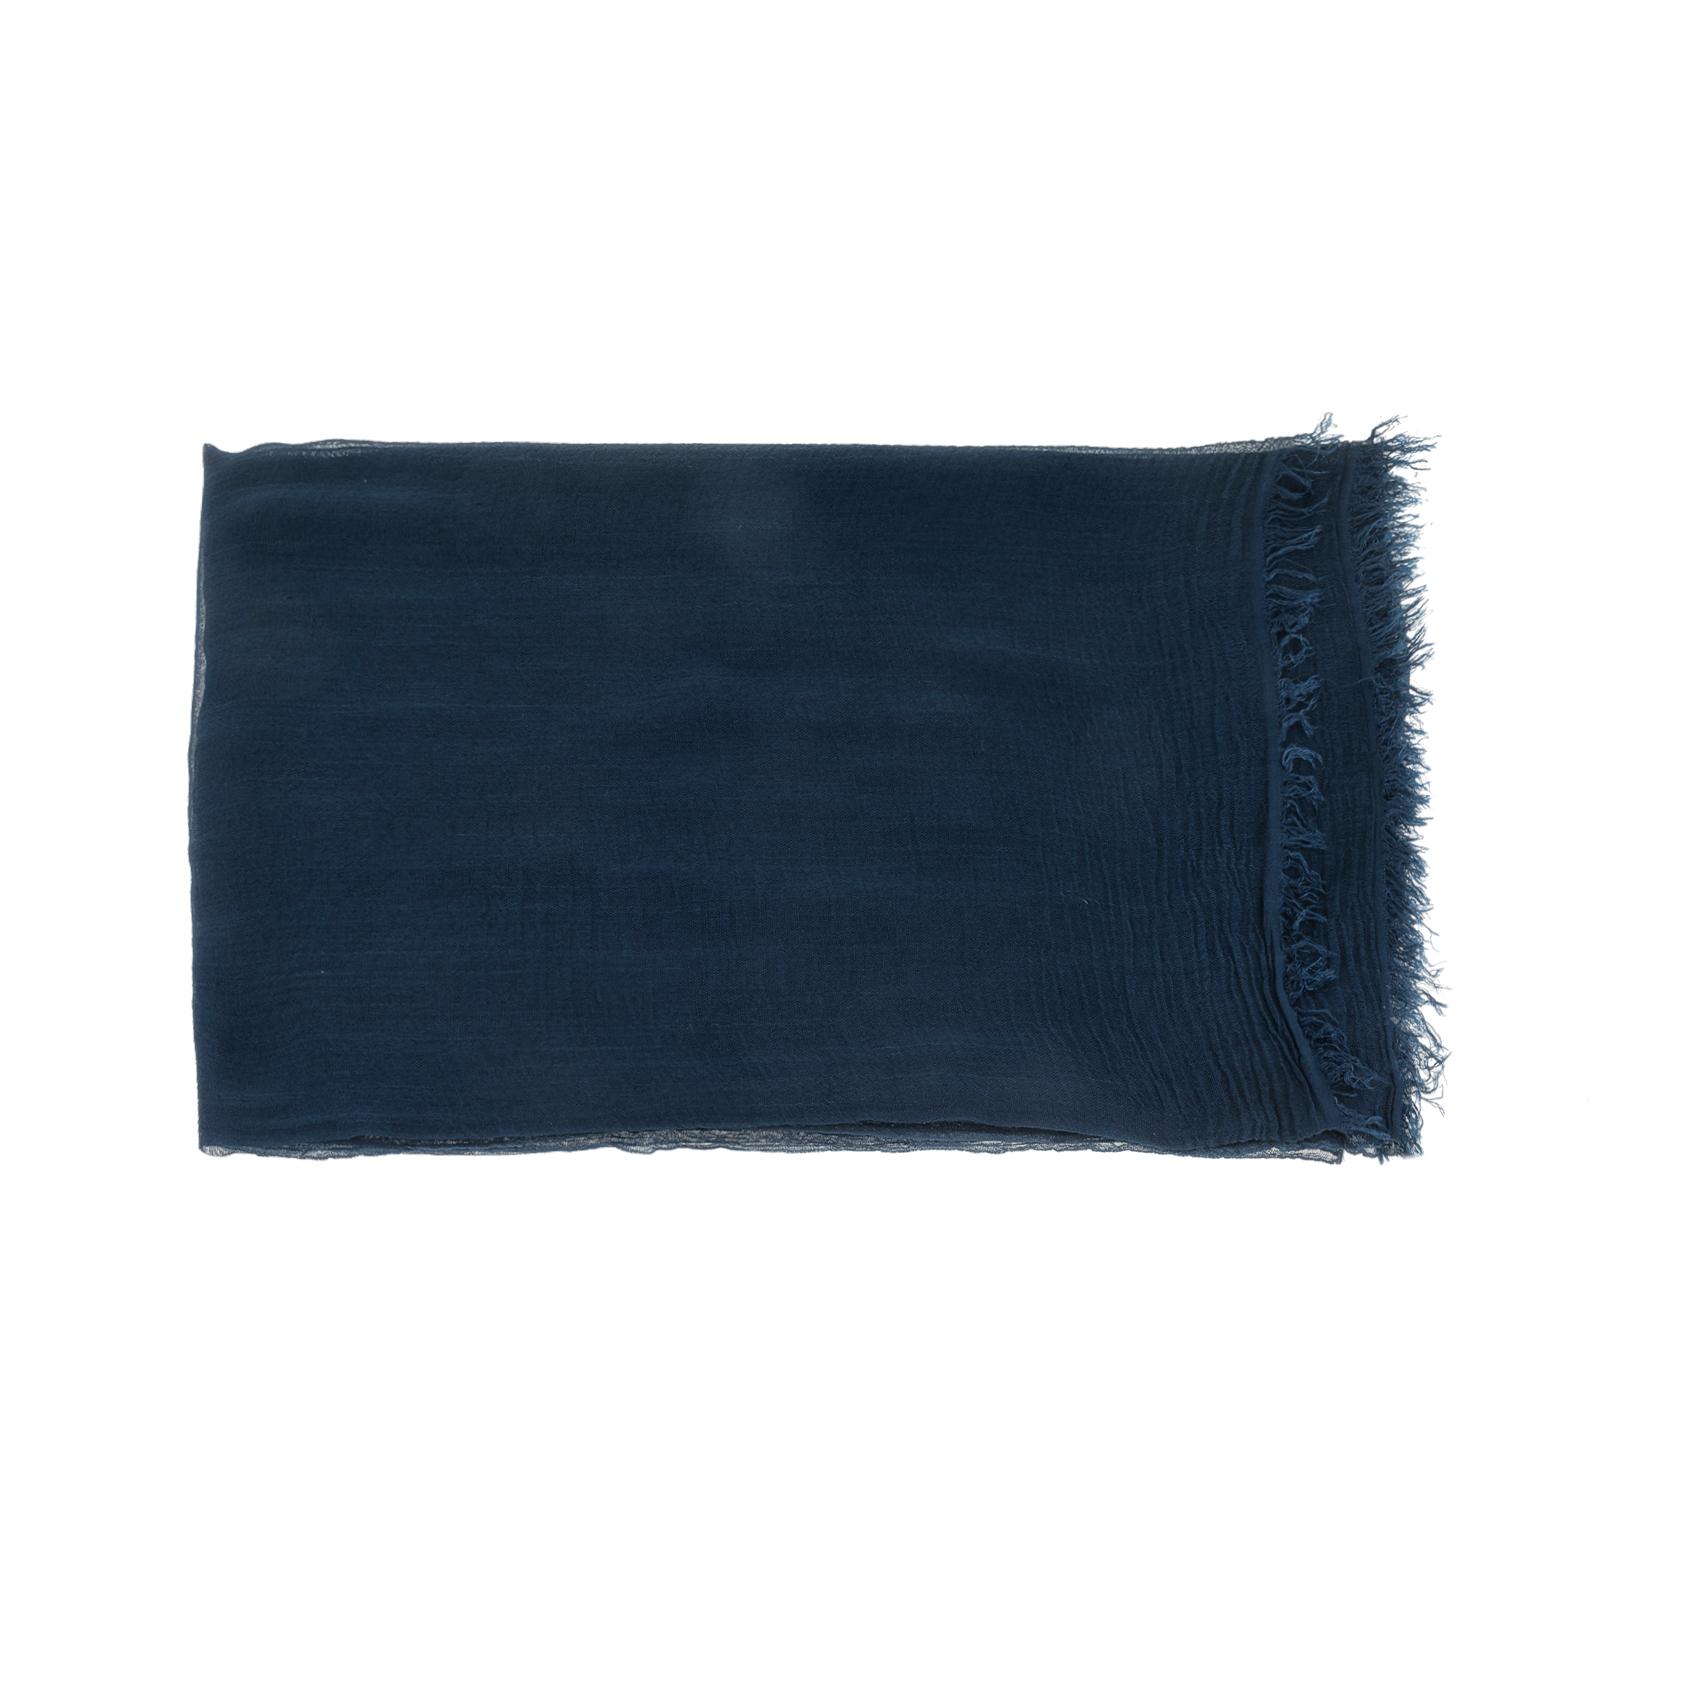 AMERICAN VINTAGE - Γυναικεία εσάρπα AMERICAN VINTAGE μπλε γυναικεία αξεσουάρ φουλάρια κασκόλ γάντια